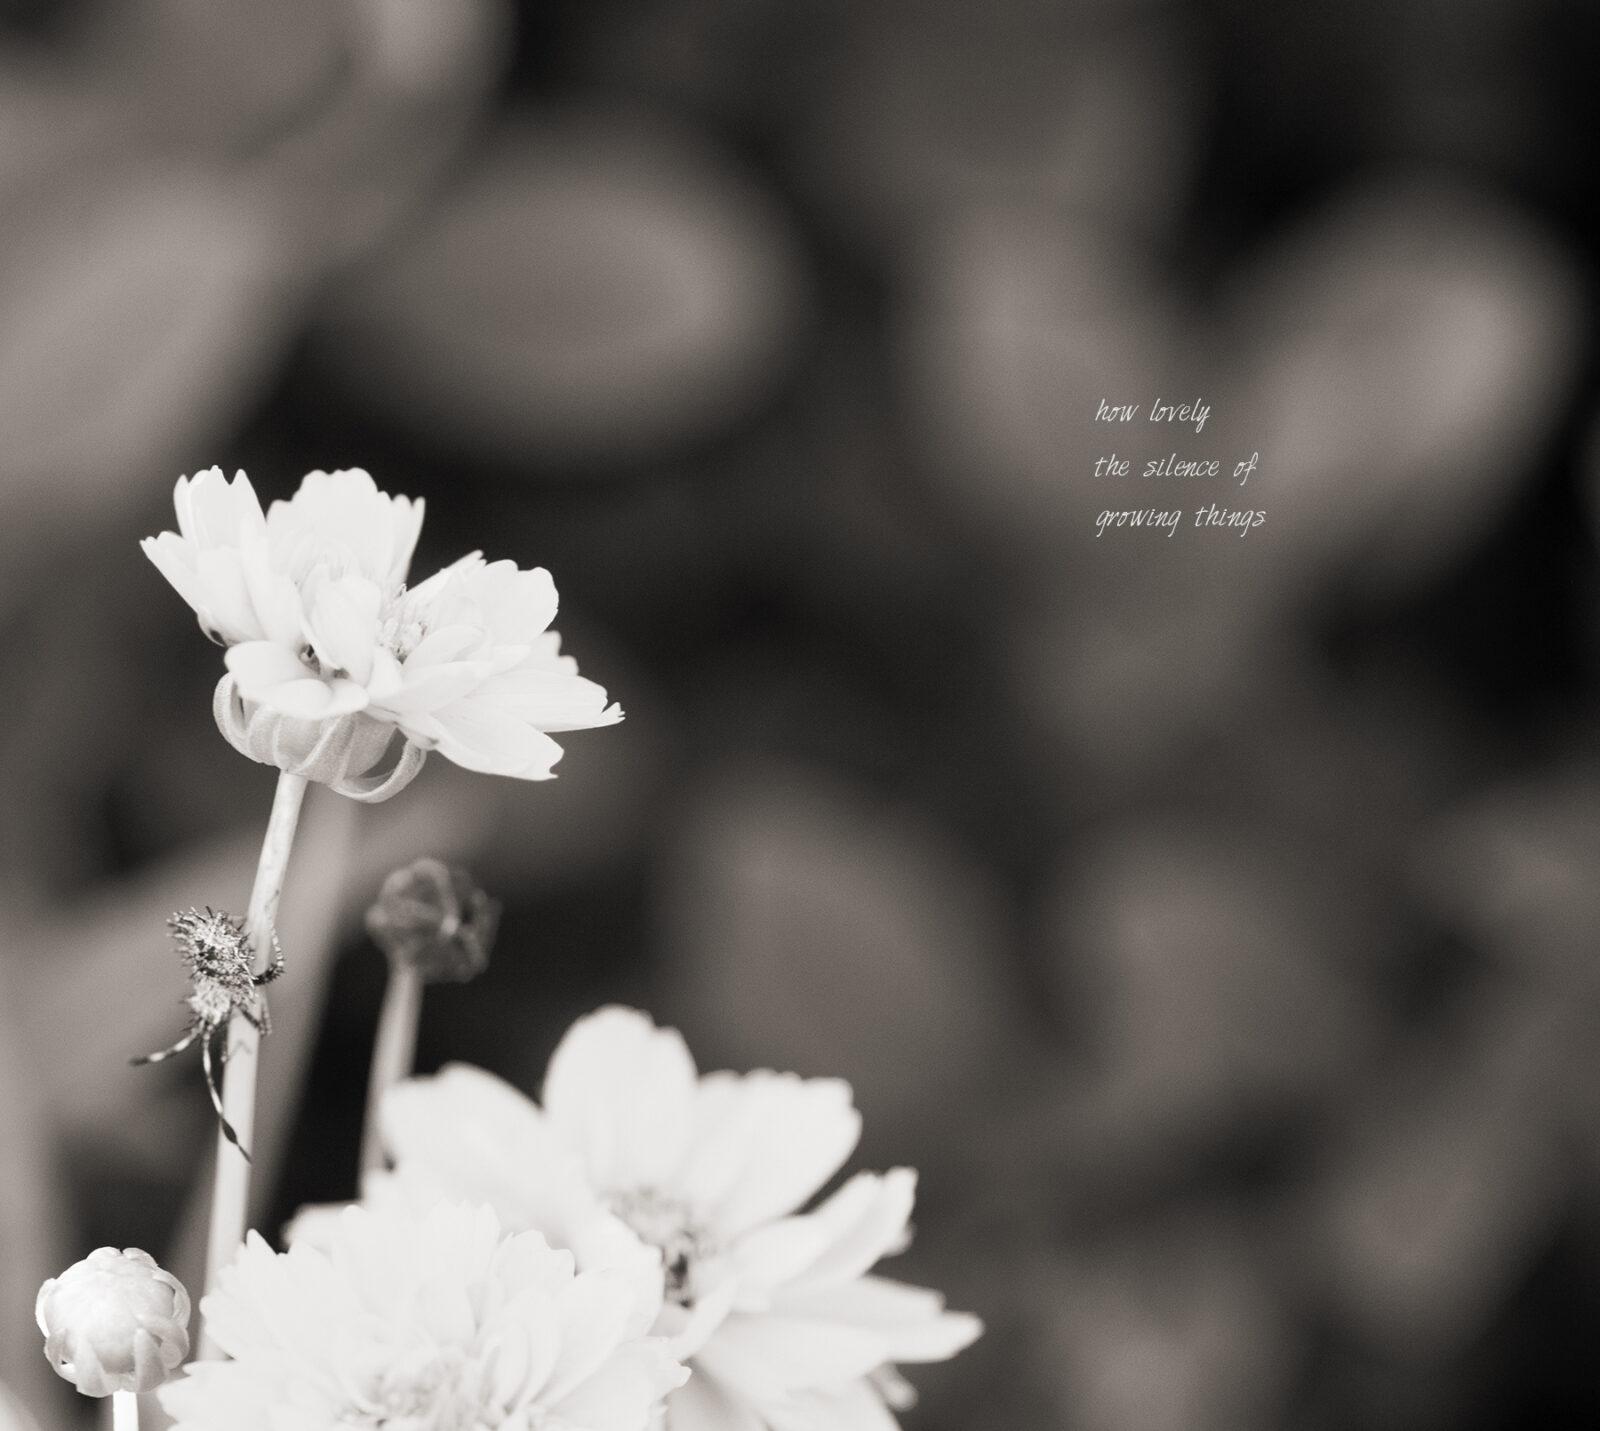 lovely silence